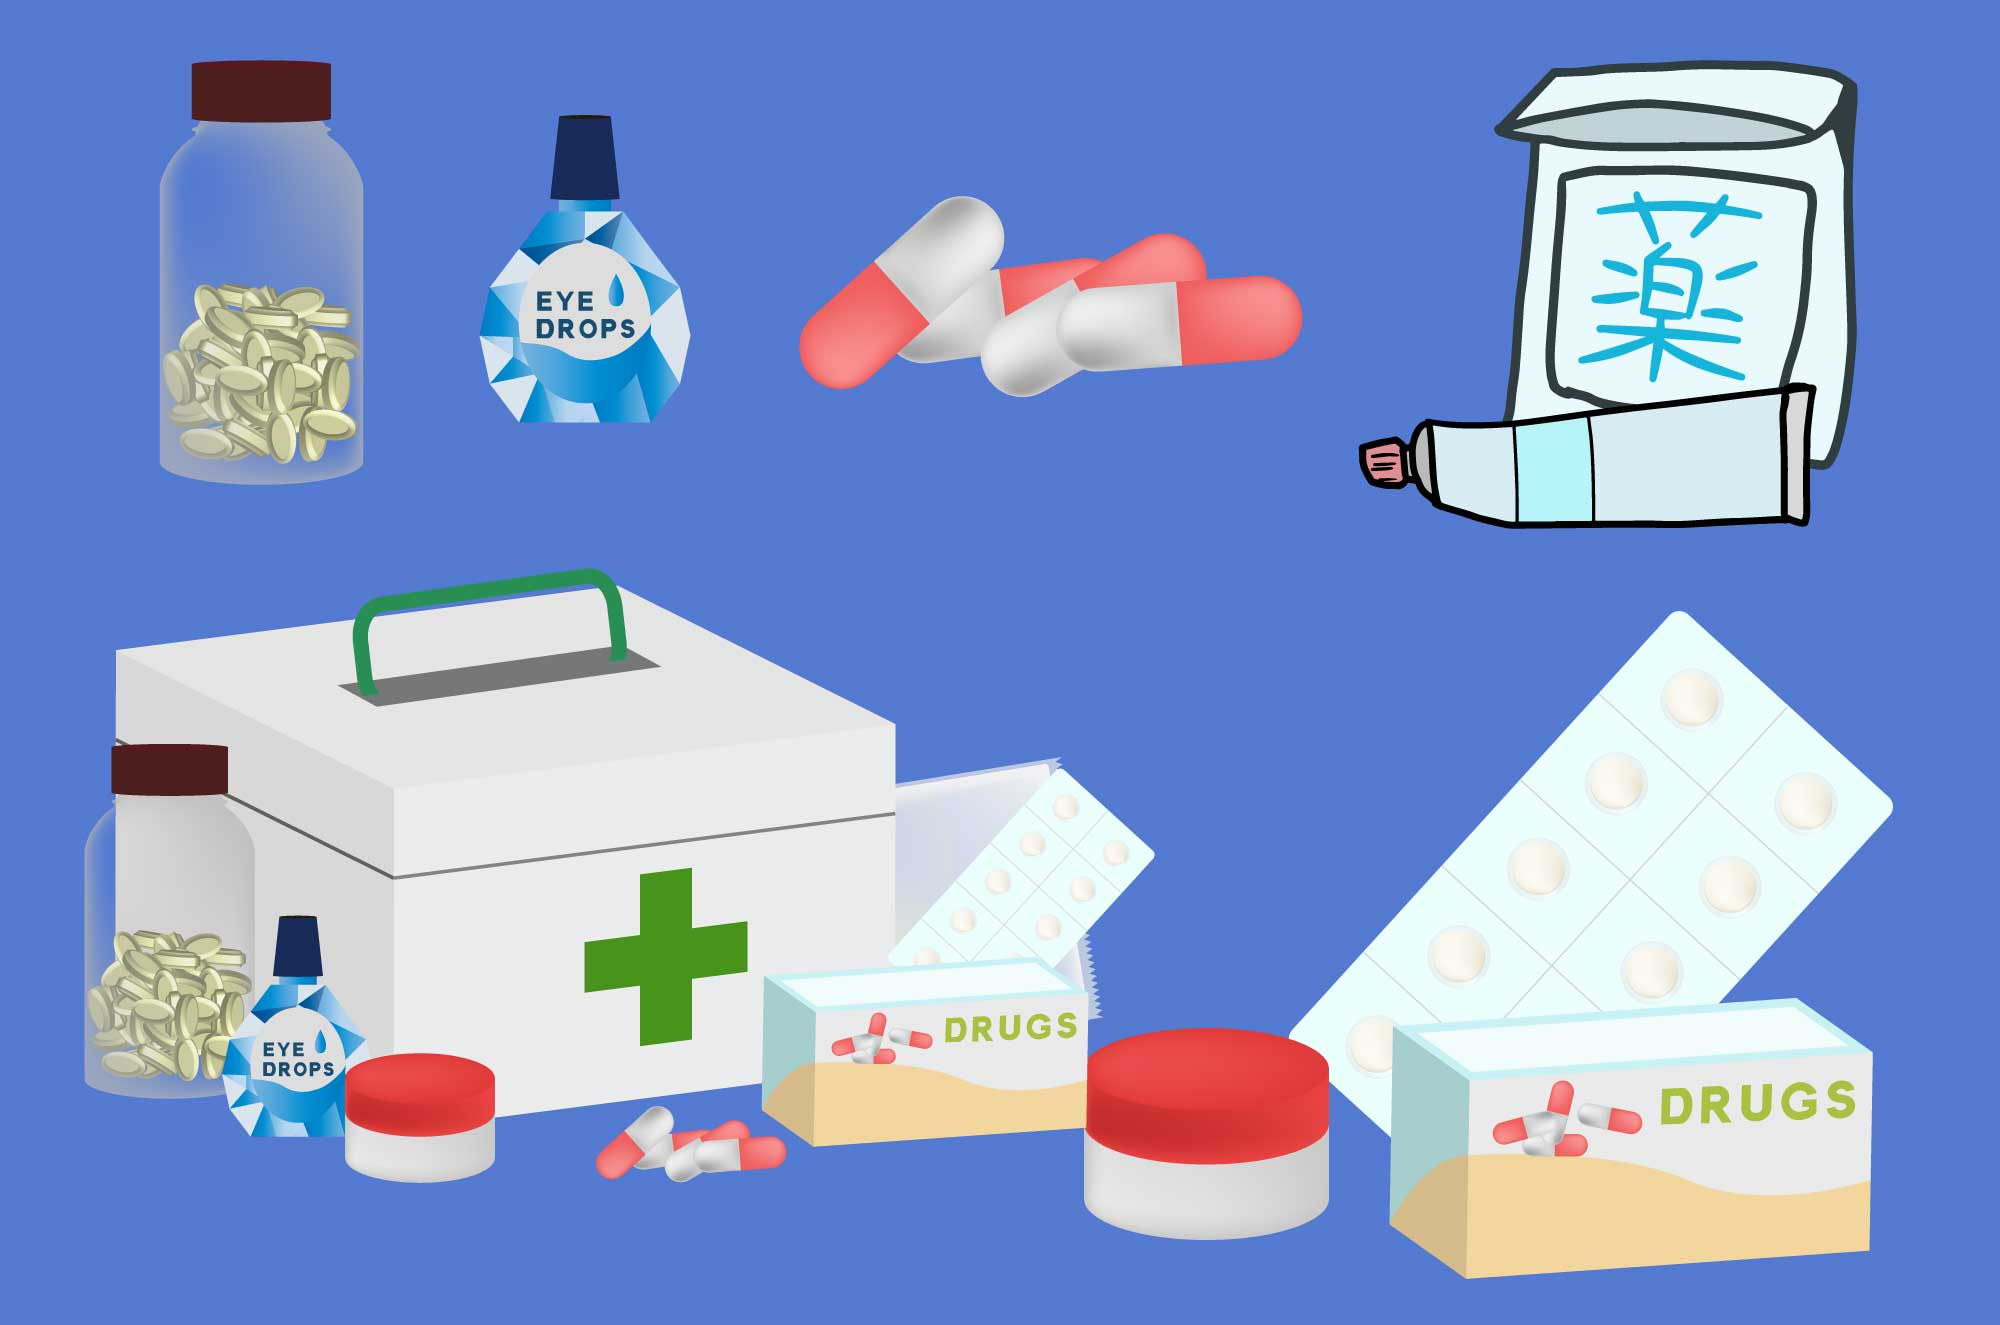 薬の無料イラスト - 目・錠剤・カプセル・薬箱の素材